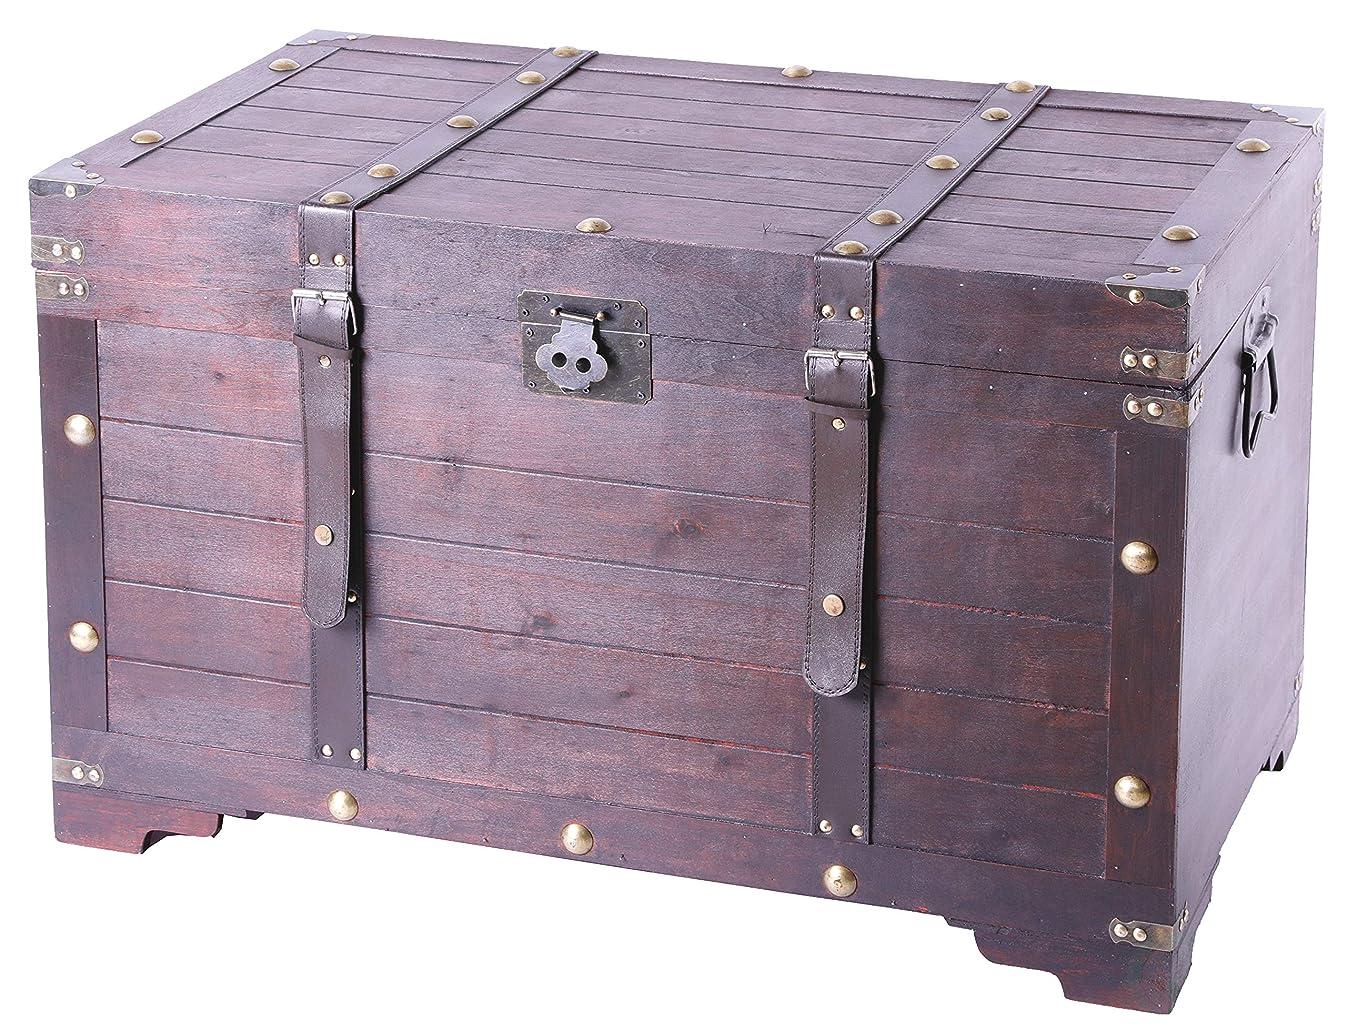 Vintiquewise QI003269L Antique Cherry Large Wooden Storage Trunk